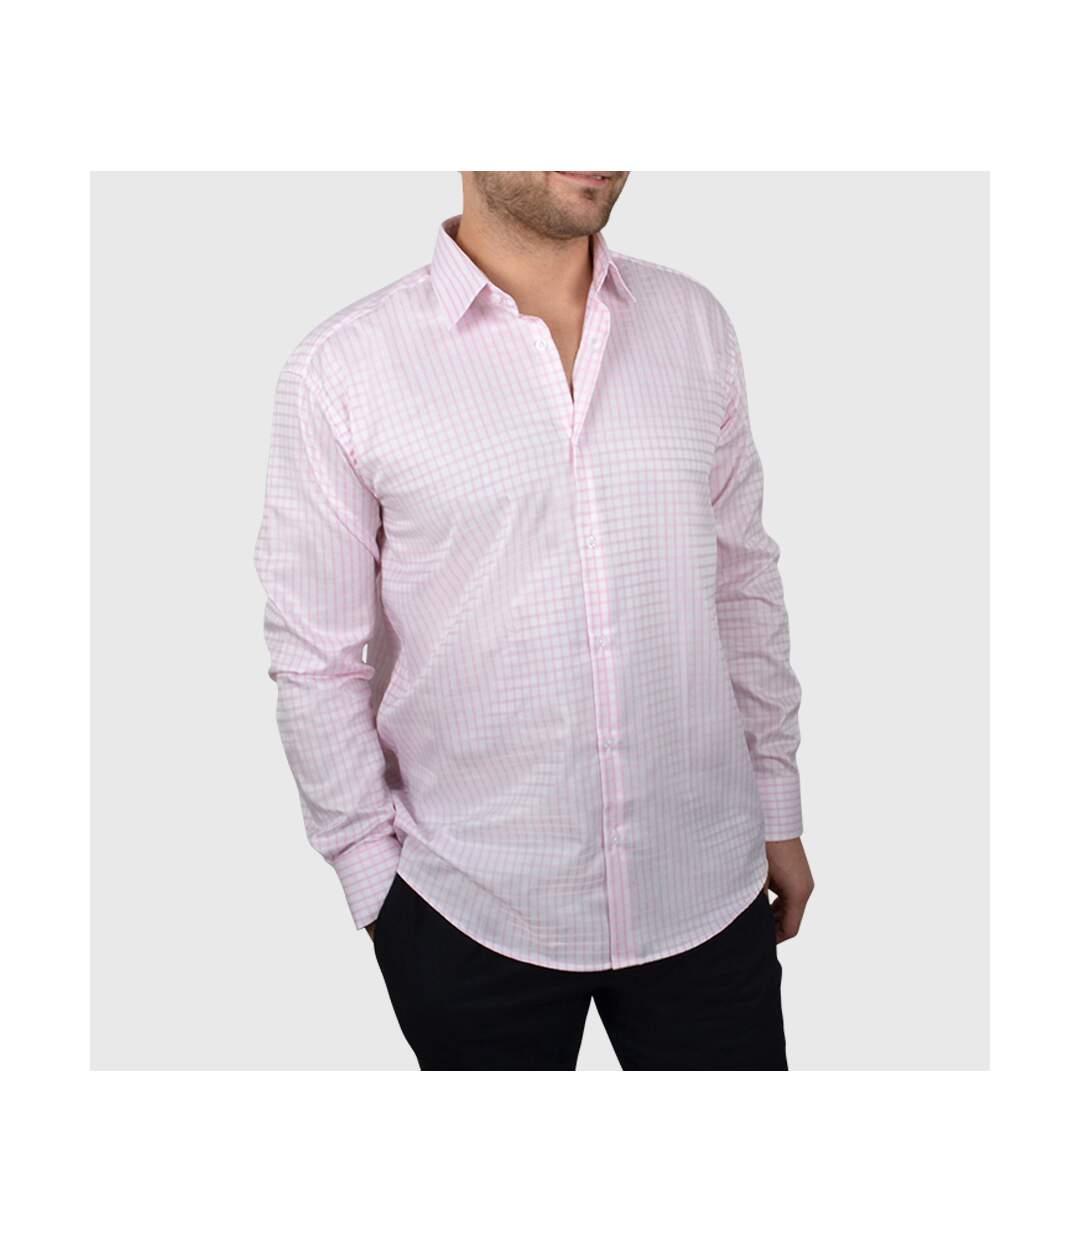 Chemise homme à carreaux roses - Chemise NON CINTRÉE